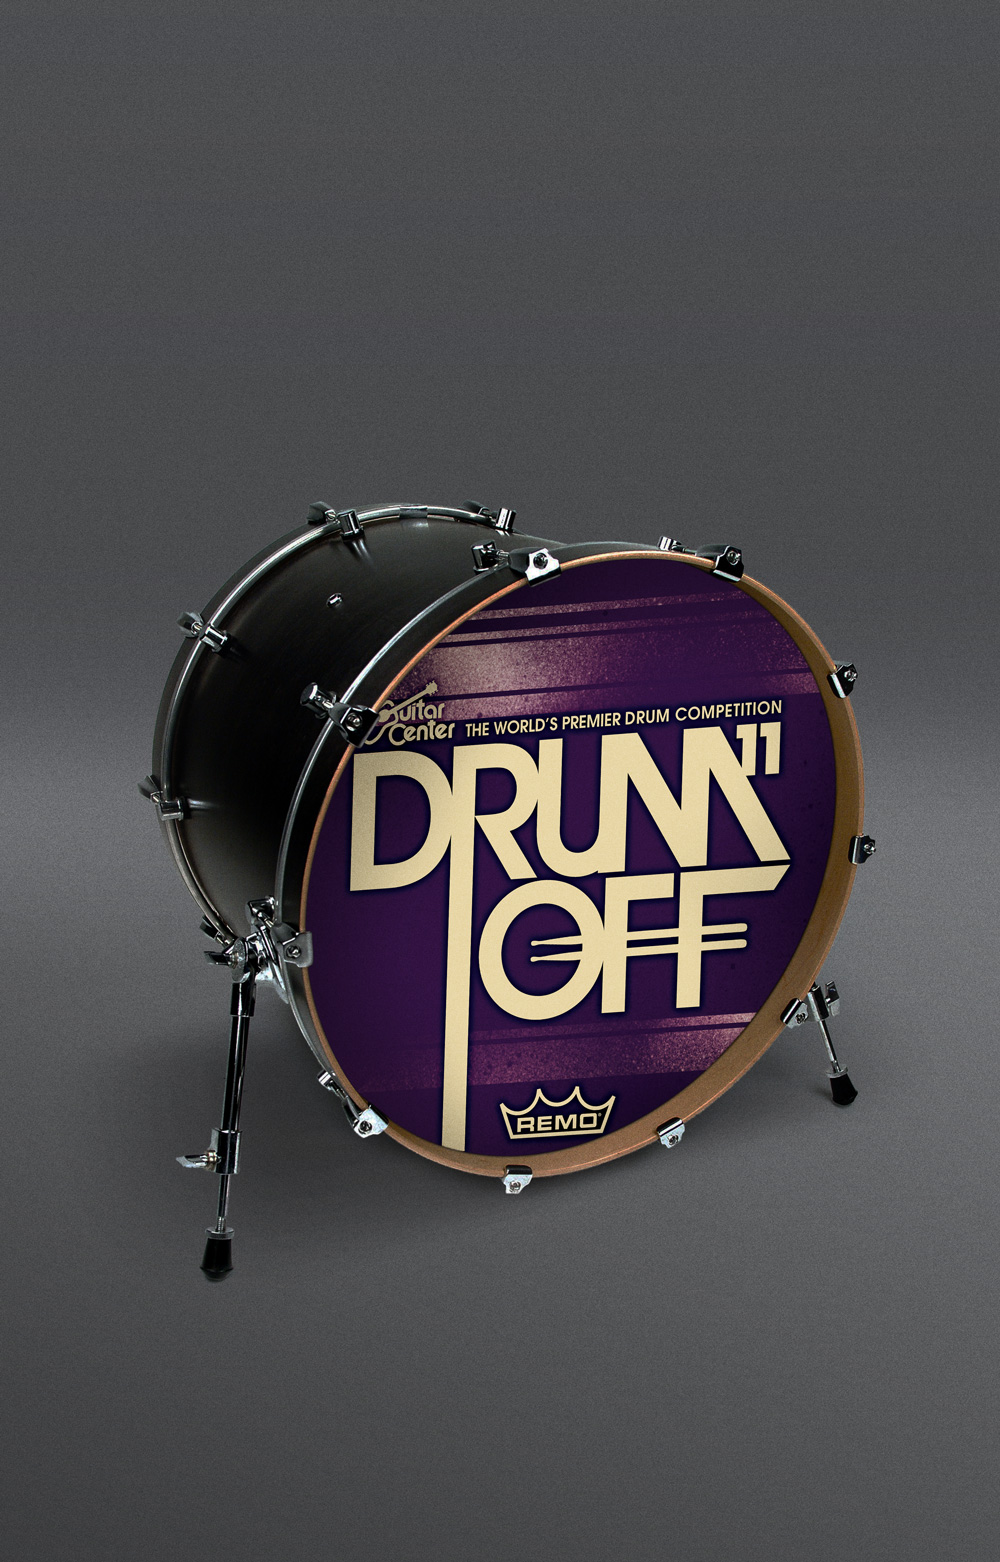 Drum-Off-Drum-Head-Purple.jpg